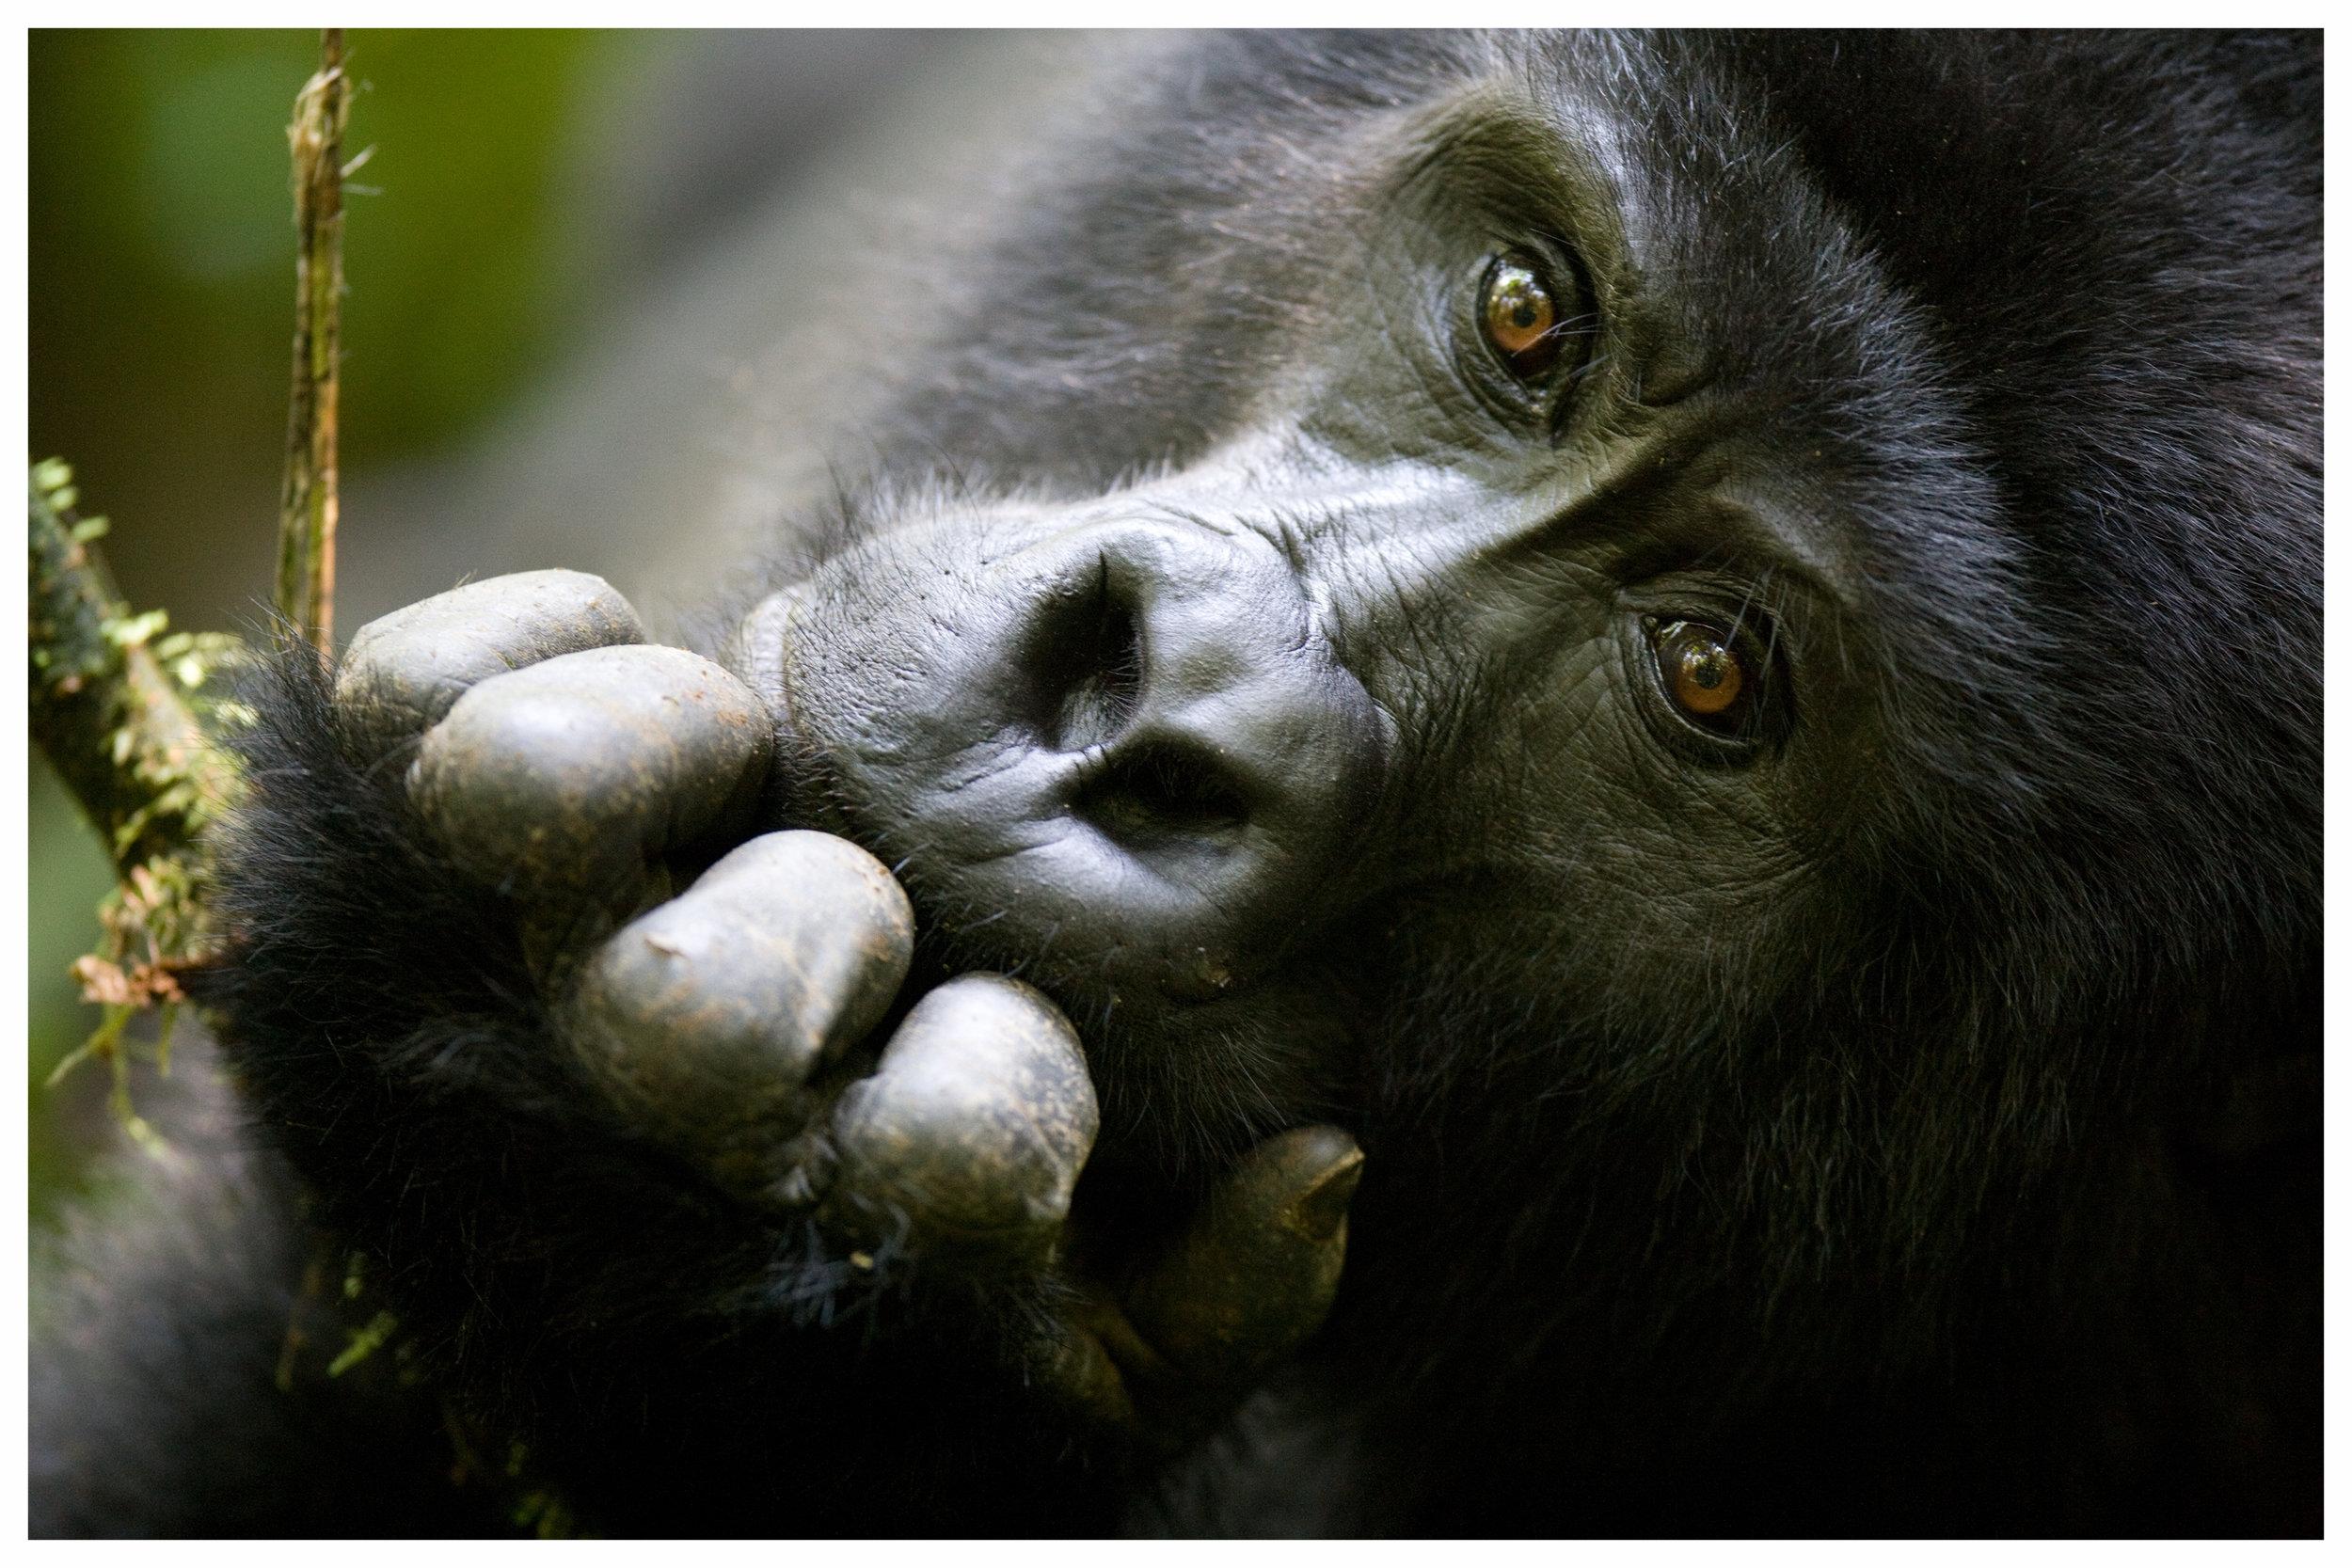 Uganda & RuandaZuhause der Berggorillas - Reisen in die relativ kleinen Länder Uganda und Ruanda werden oft mit einem Besuch in Kenia oder Tansania kombiniert. Die Hauptattraktionen der beiden zentralafrikanischen Länder sind mit Sicherheit die Gorillas. Der Besuch bei unseren nahen Verwandten ist ein erfreifendes Erlebnis, das tief unter die Haut geht und besonderen Wert hat. Sie leben in Großfamilien in den hochgelegenen Regenwäldern von Uganda und Ruanda zusammen und können nur im Rahmen einer offiziellen, recht kostspieligen Führung besucht werden, deren Erlöse zum großen Teil dem Schutz der Tiere zu Gute kommt. Um die bedrohten Tiere vor Belastung zu schützen, sind die Besucherzahlen außerdem stark begrenzt. Sogenannte Permits sind zwar limitiert, selbstverständlich besorgen wir diese aber für unsere Gäste im Voraus, so dass Ihnen ein Platz sicher ist.